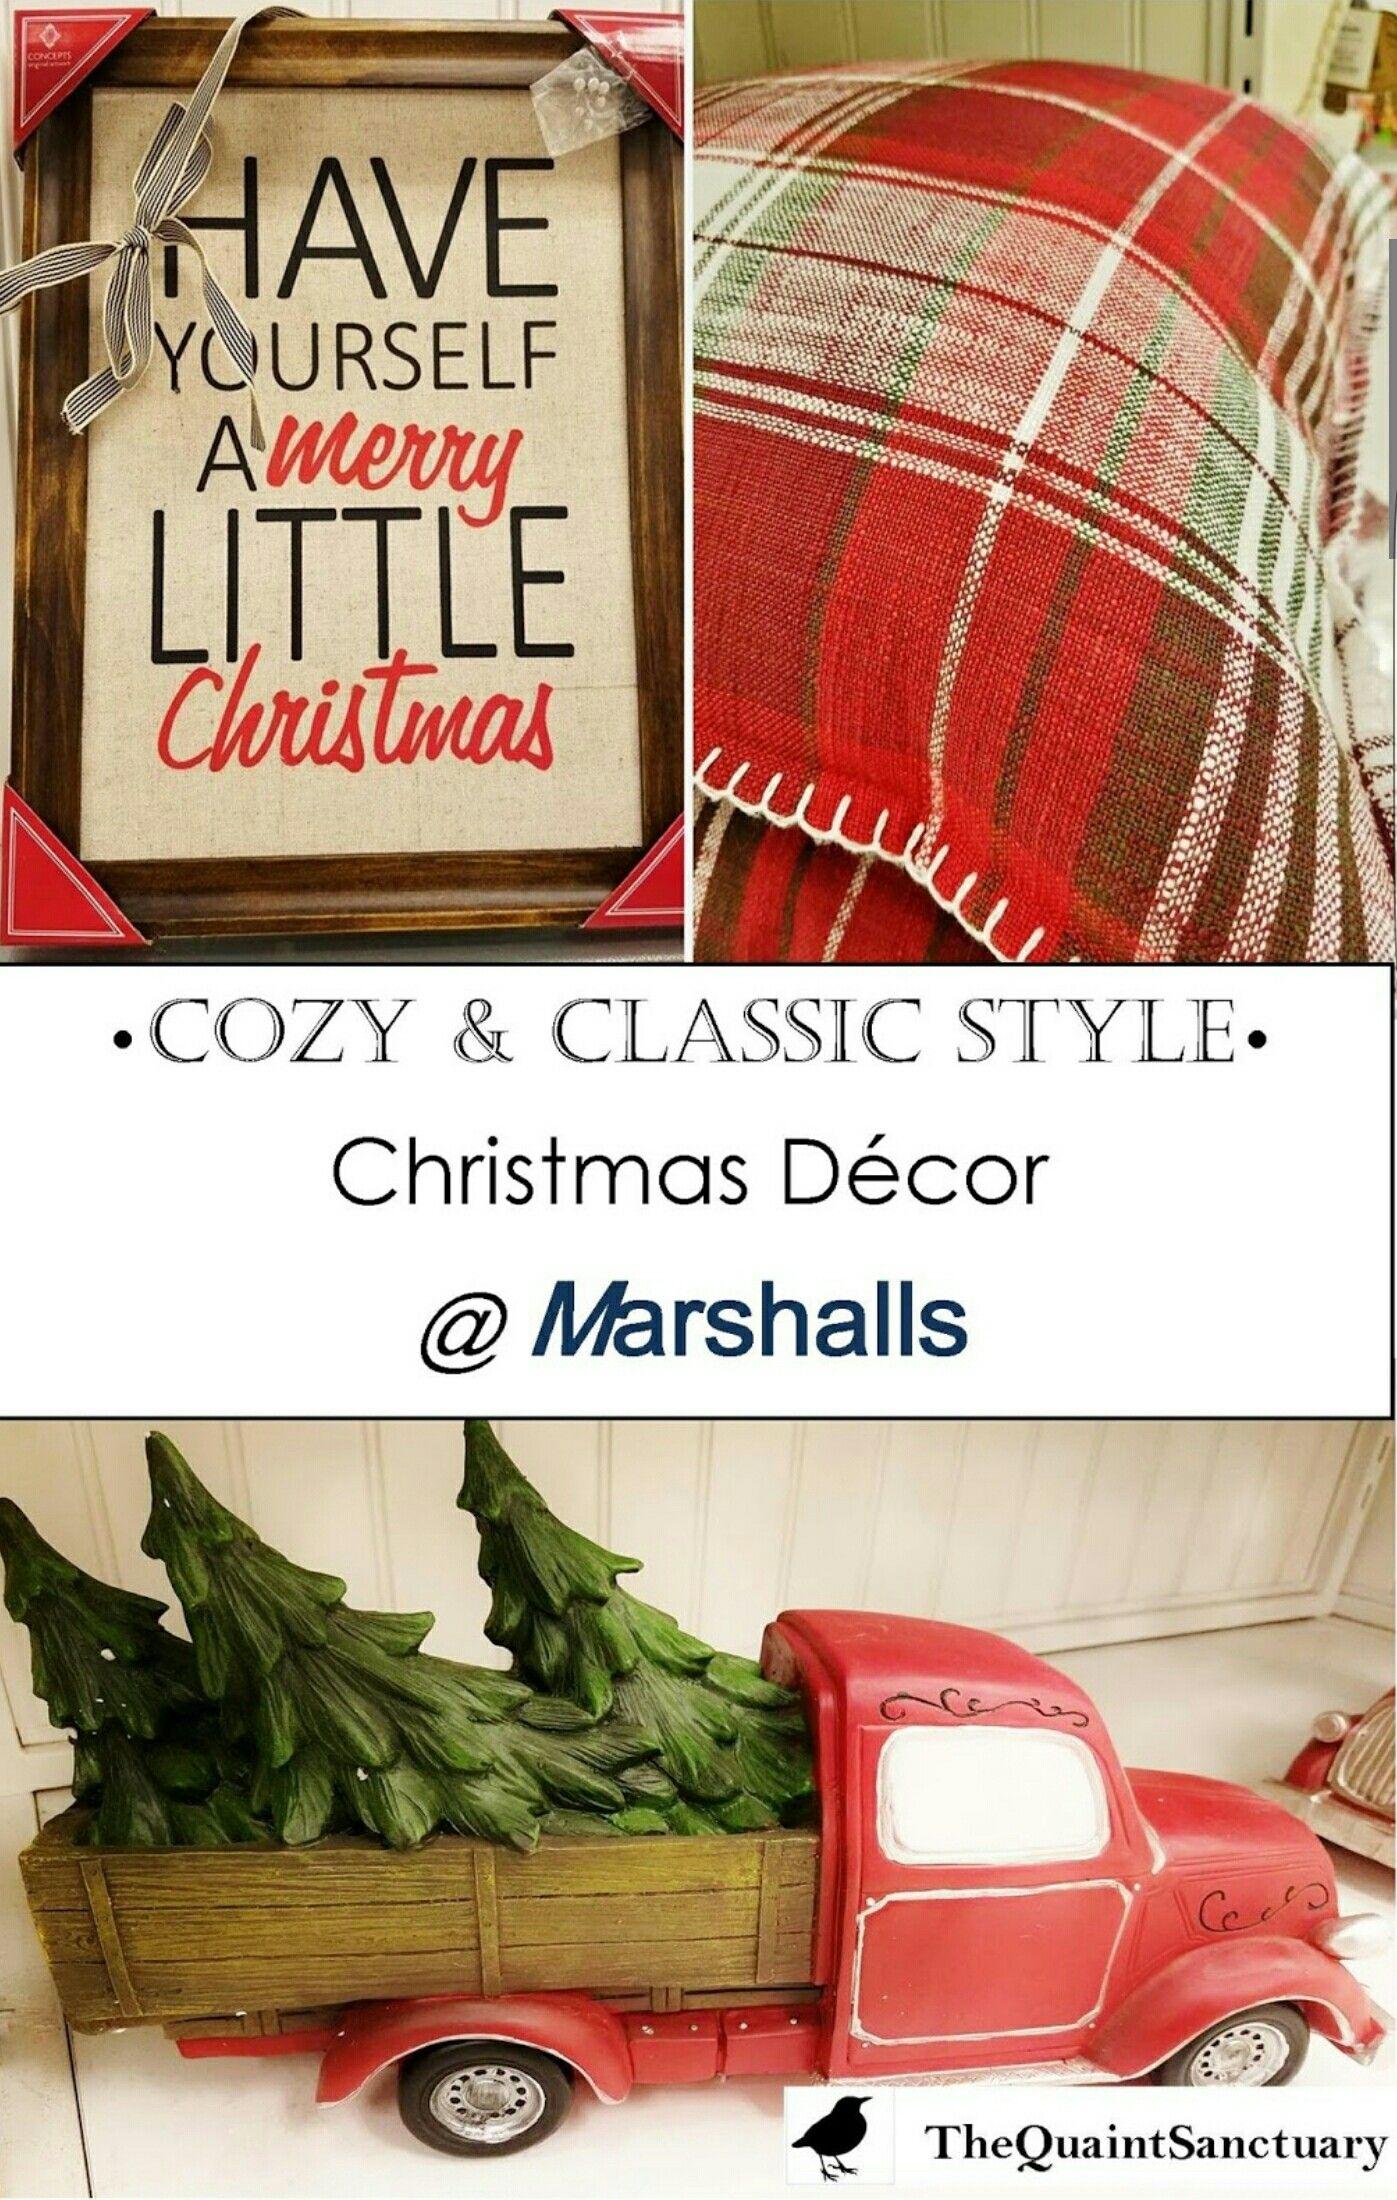 Cozy & Classic Christmas Decor from #MARSHALLS @MARSHALLS